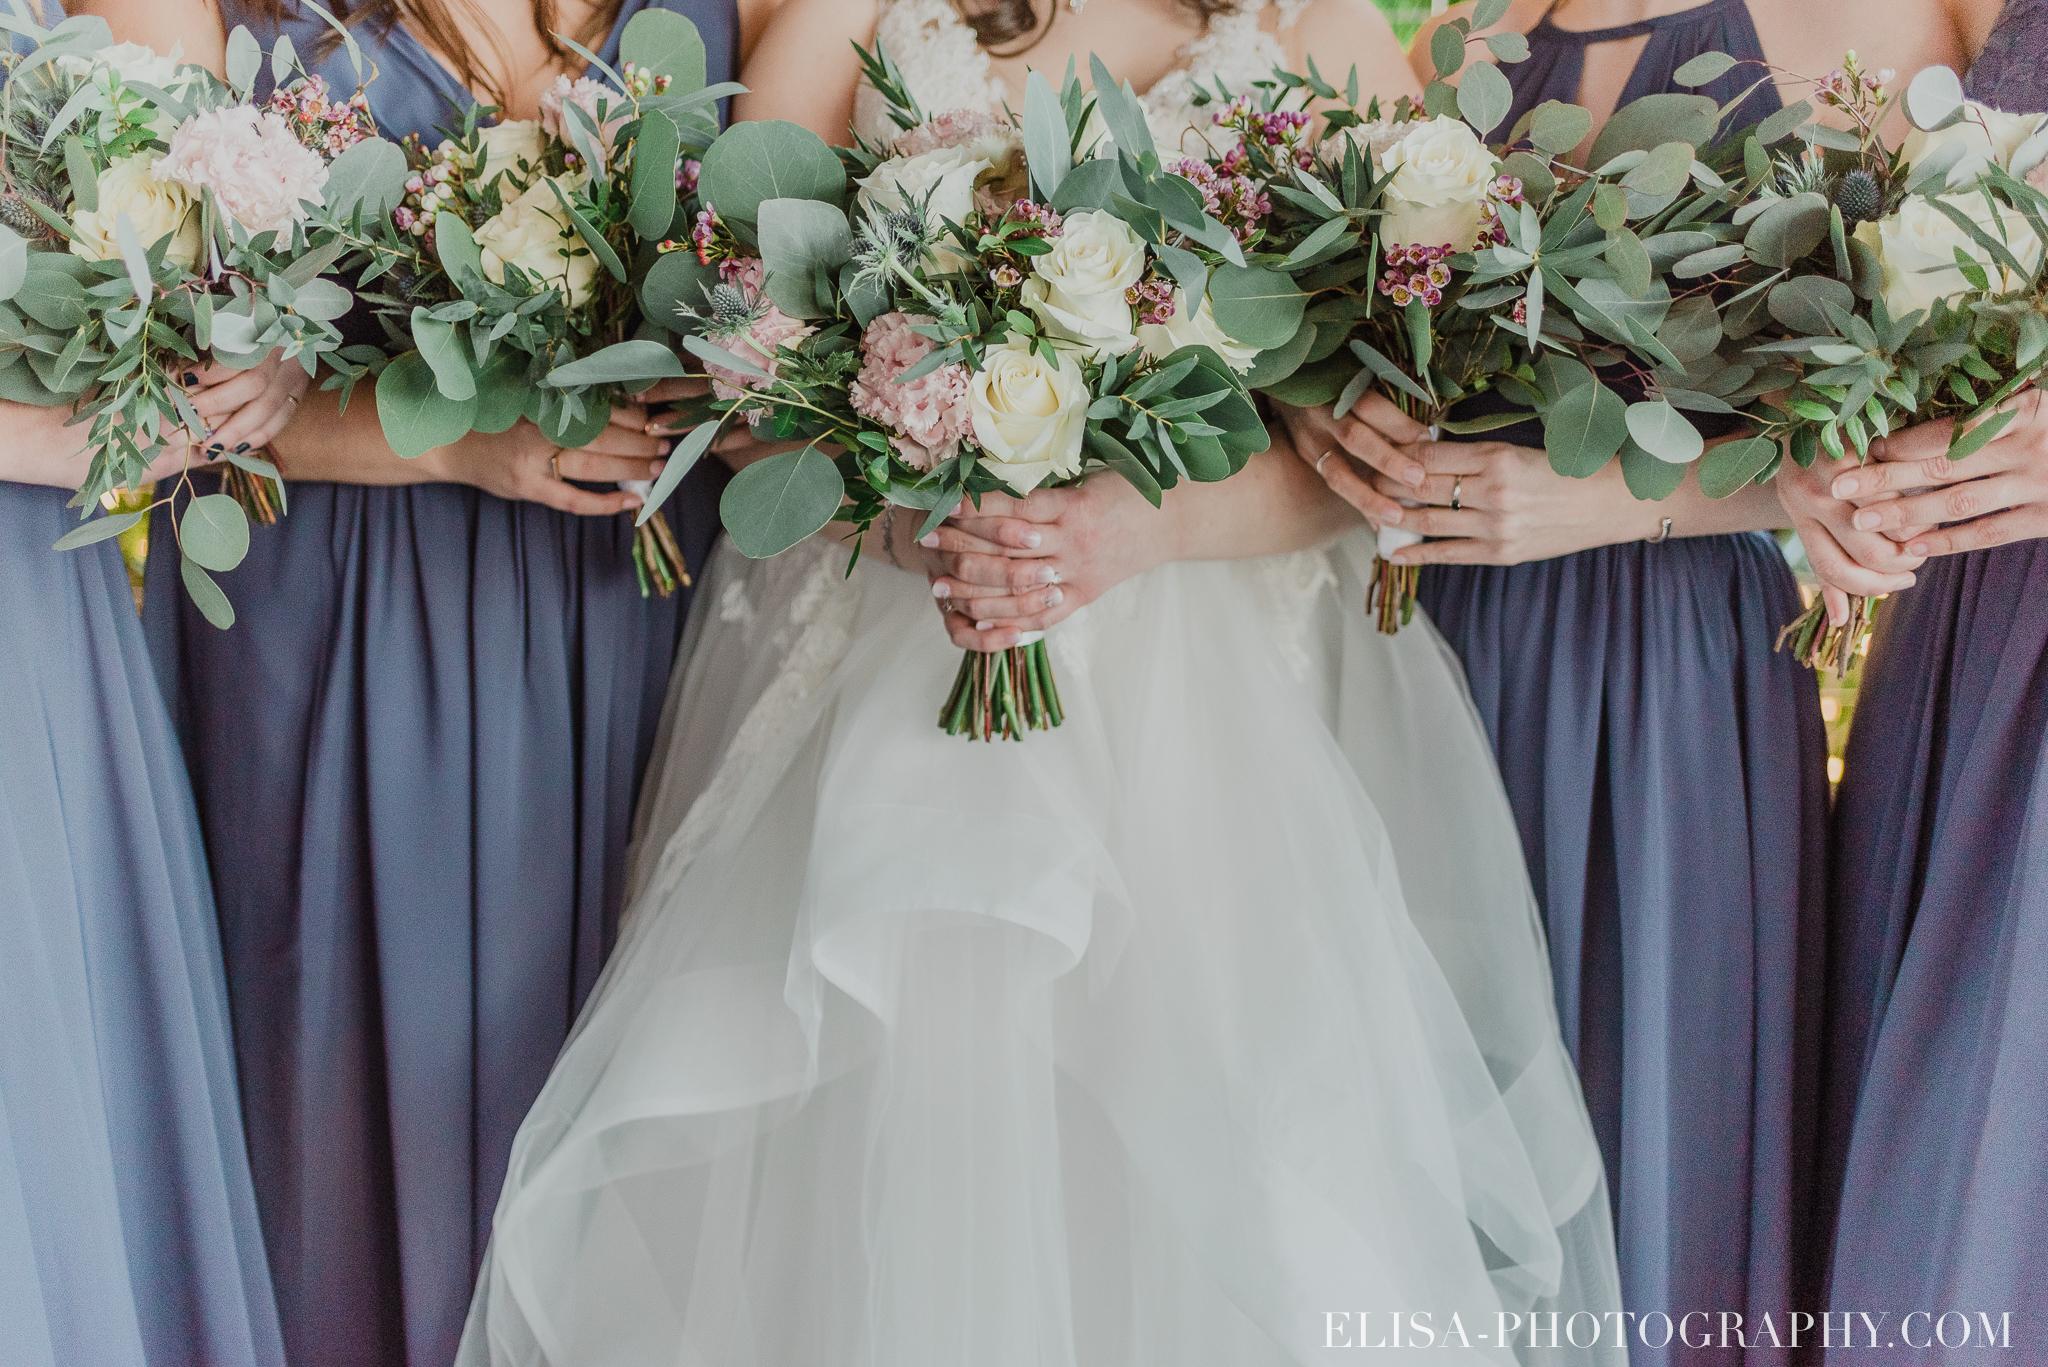 photo mariage quai blanc quebec cortege robe mauve bouquets fleurs hiver rose blanche 2955 - Un chaleureux mariage hivernal à la salle du Quai du Cap Blanc, Québec